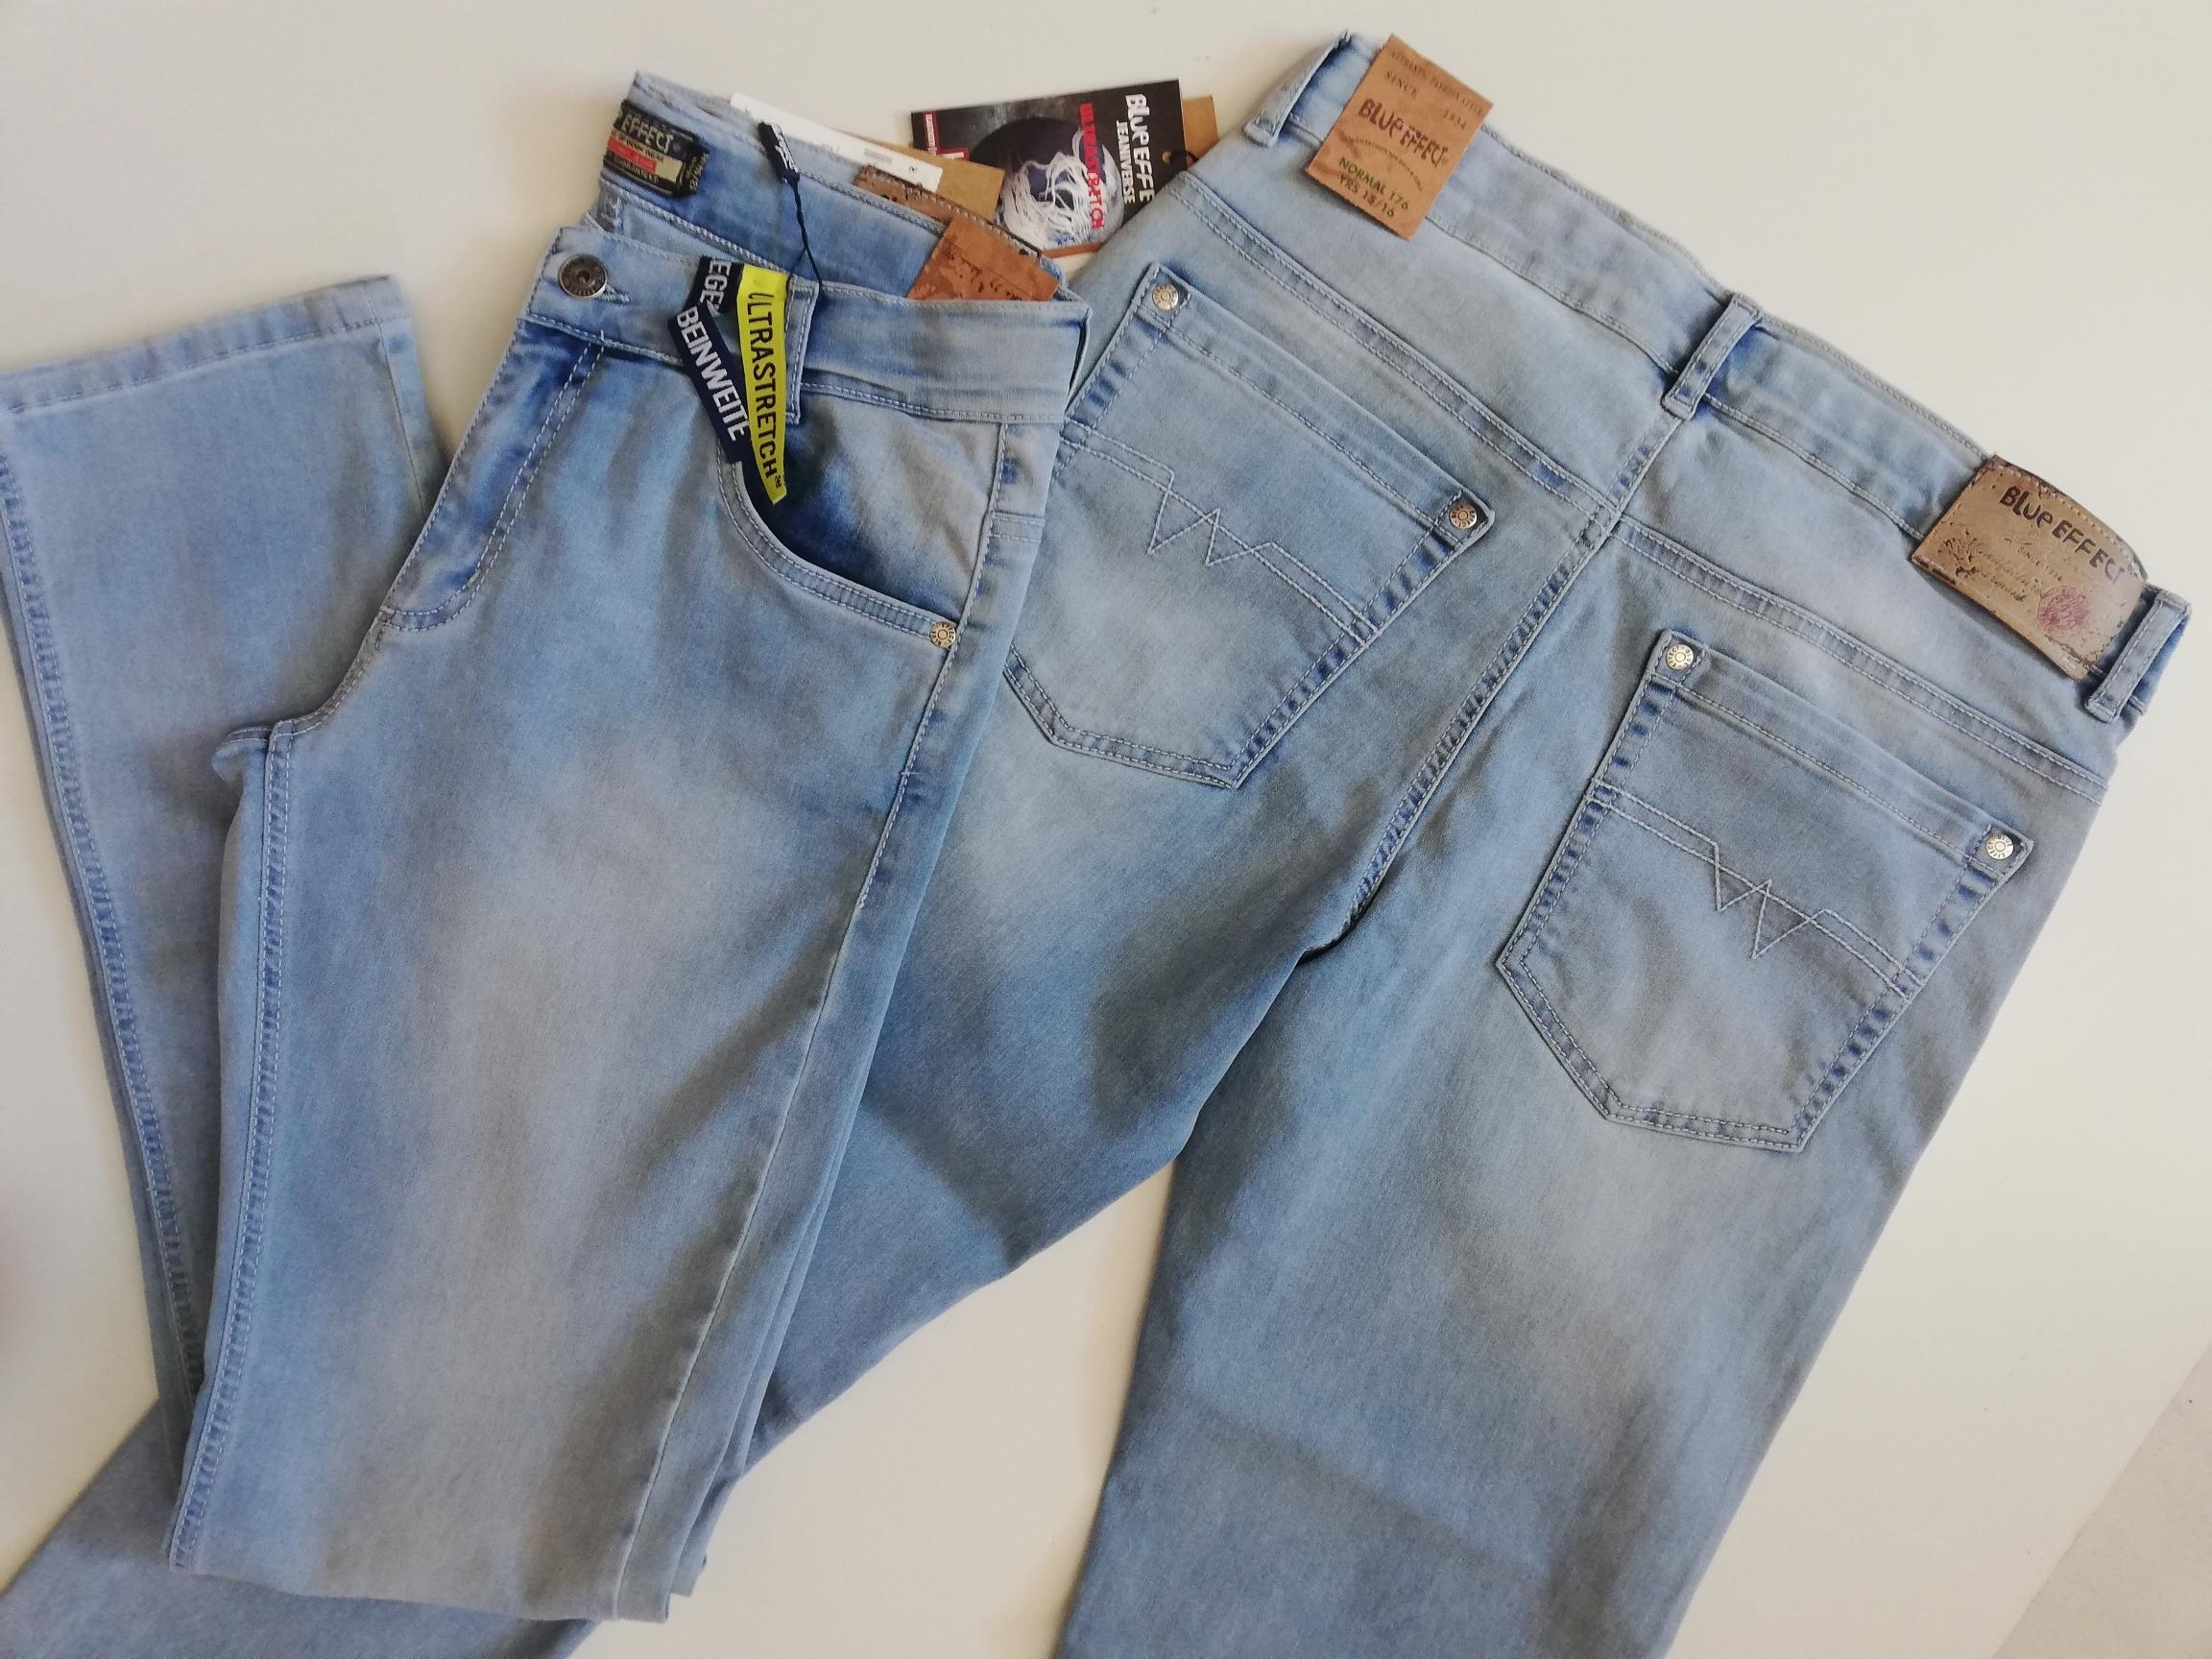 Dívčí džíny Blue effect velikosti 140,146,158